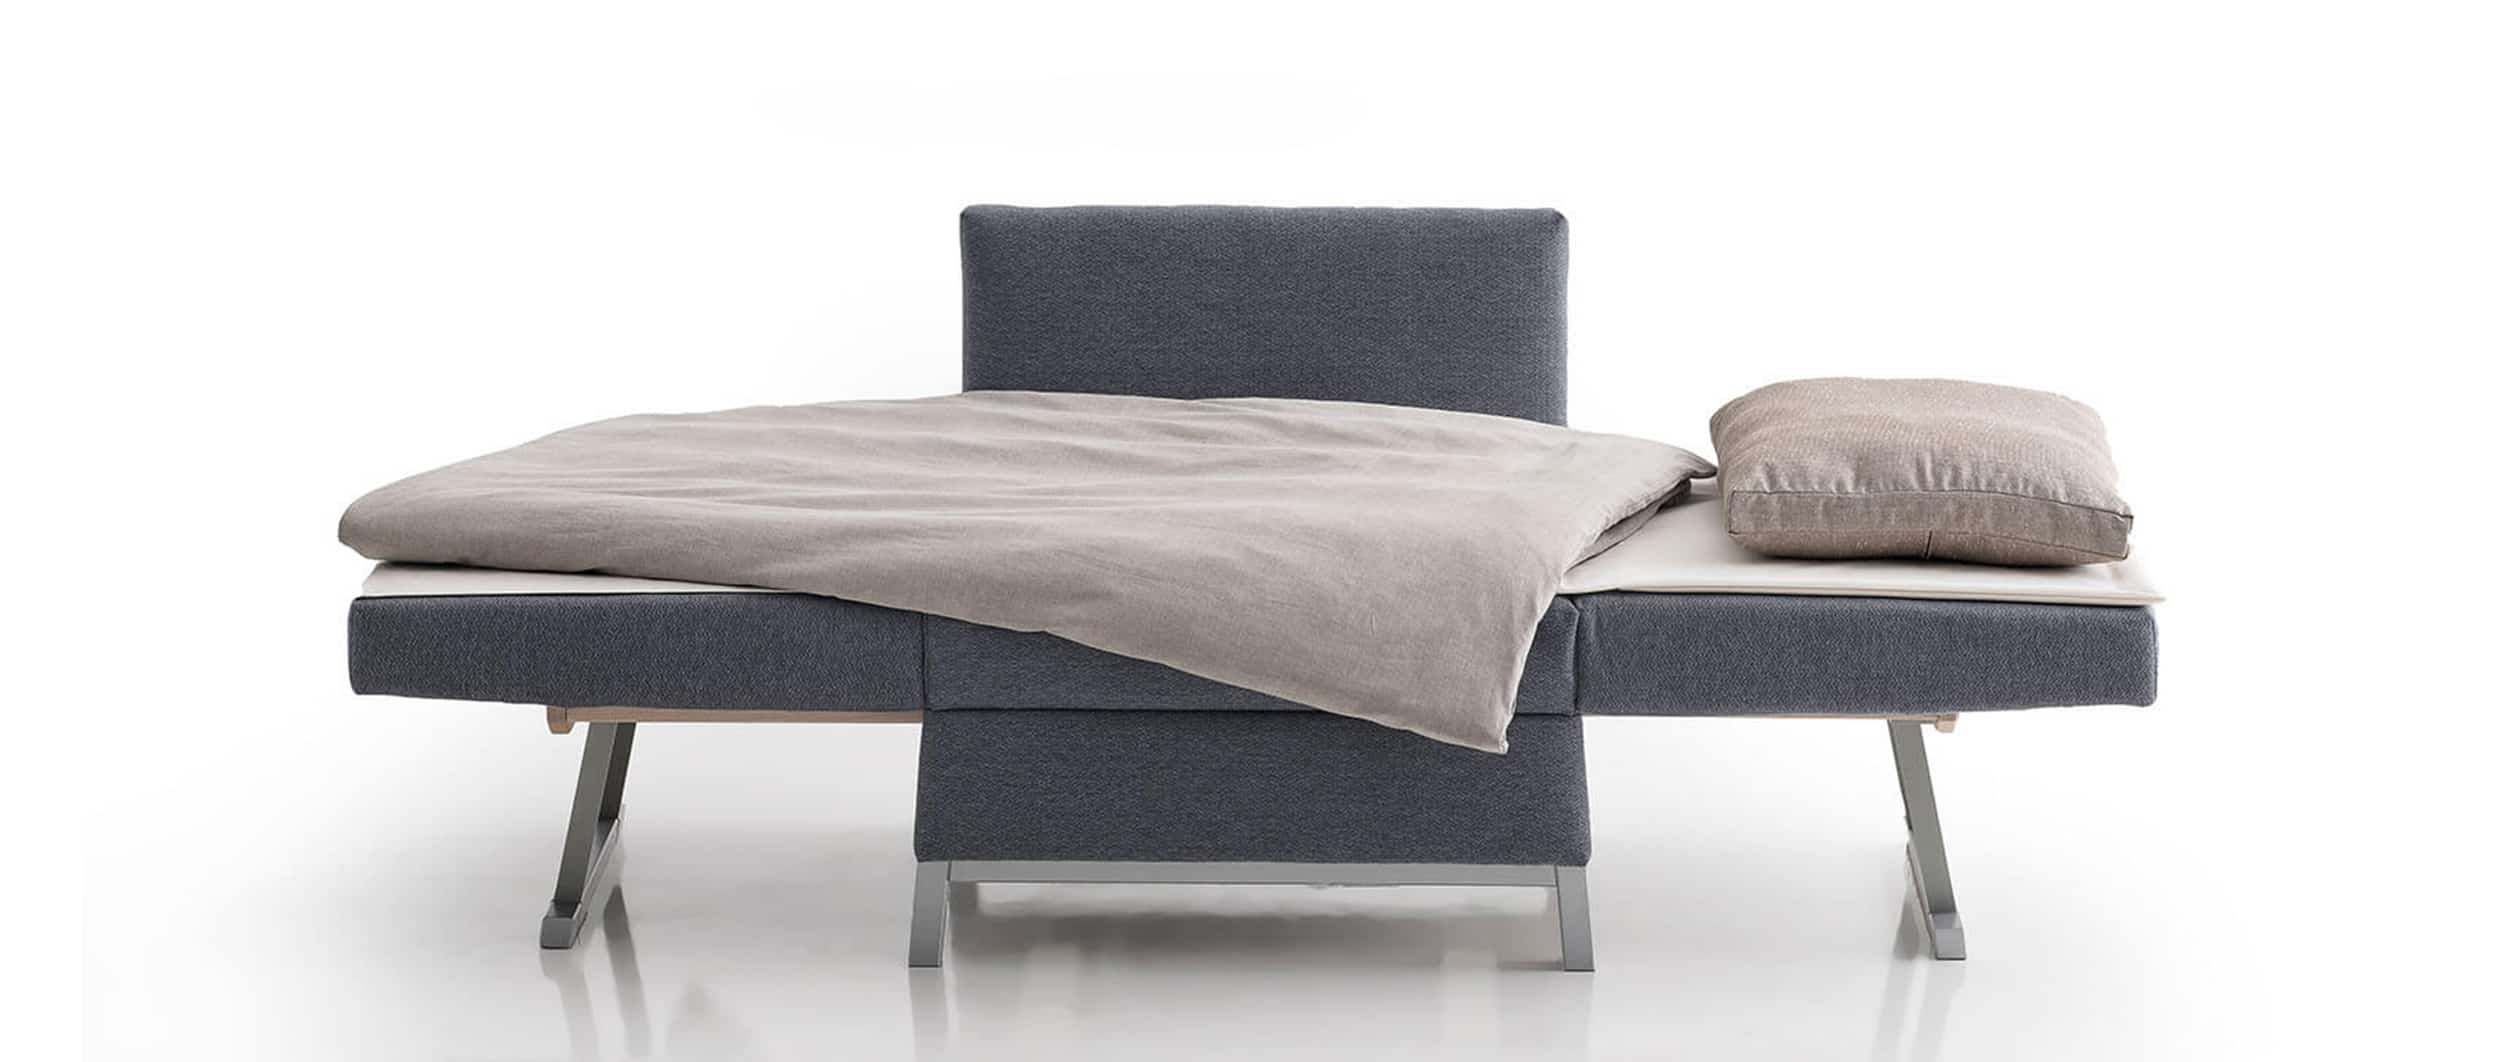 FOX Schlafsessel von Franz Fertig. Liegefläche ca 80x20 cm. Gästebett für eine Person.